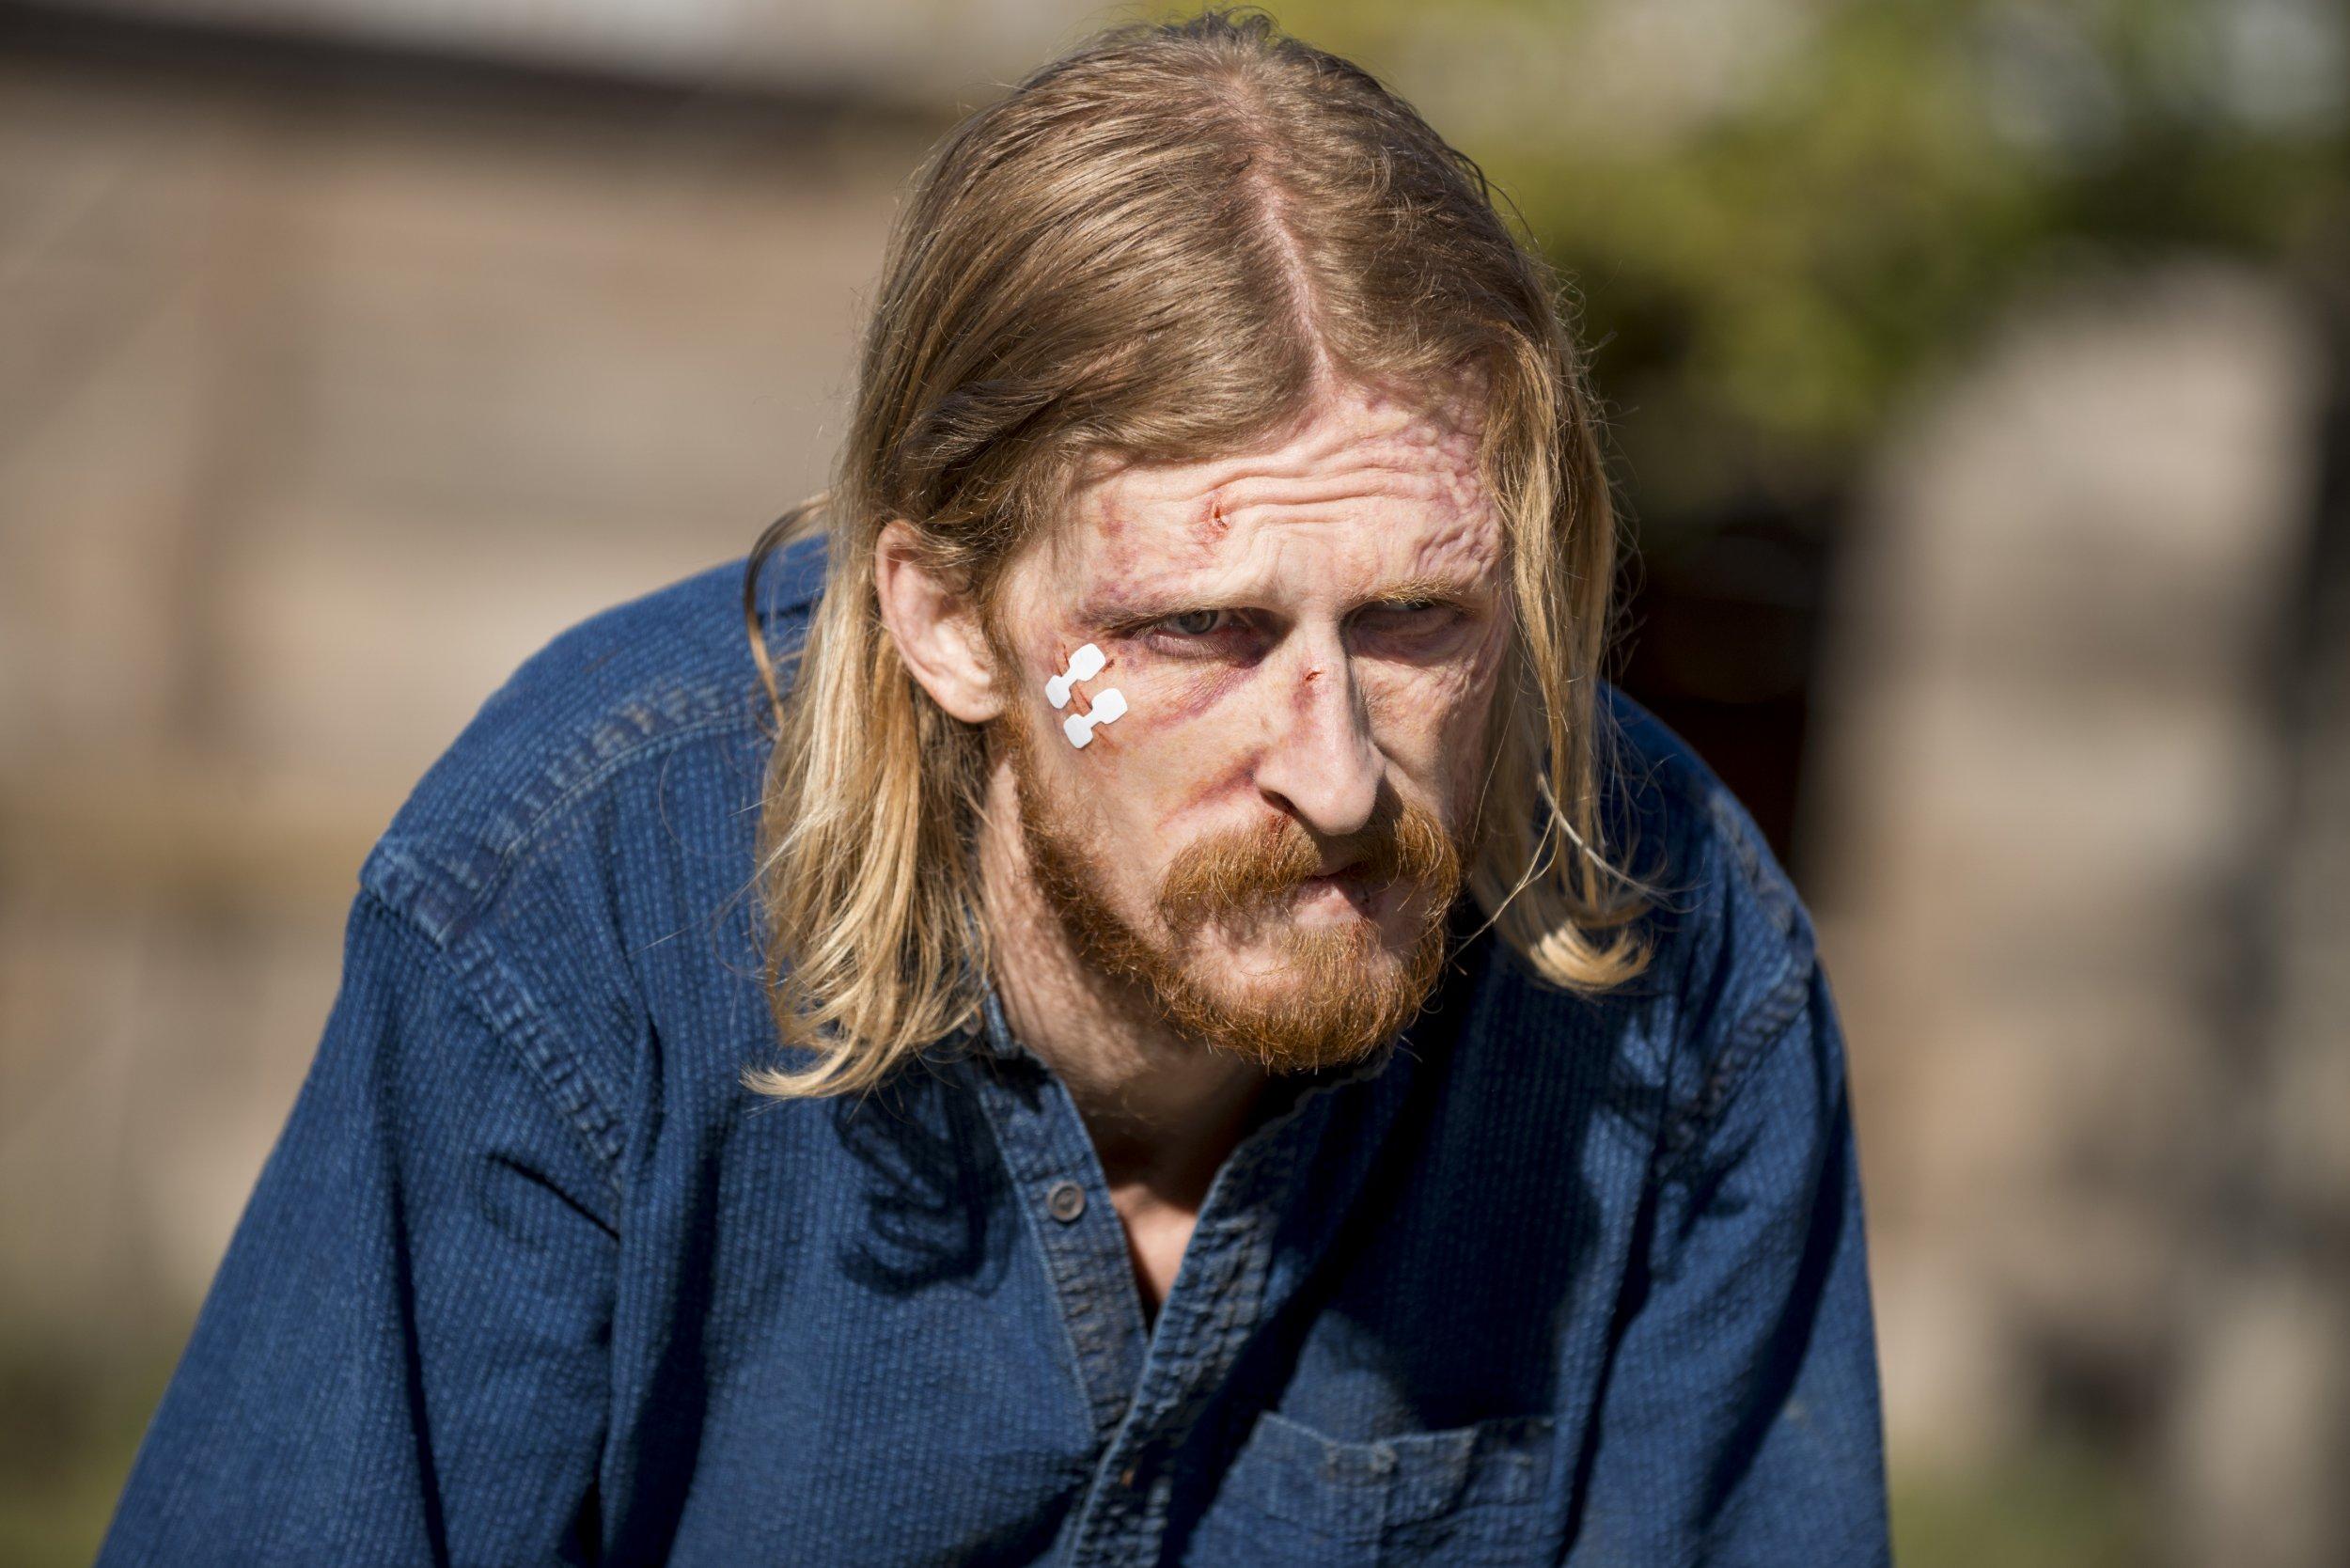 Walking Dead Dwight sad 8x16